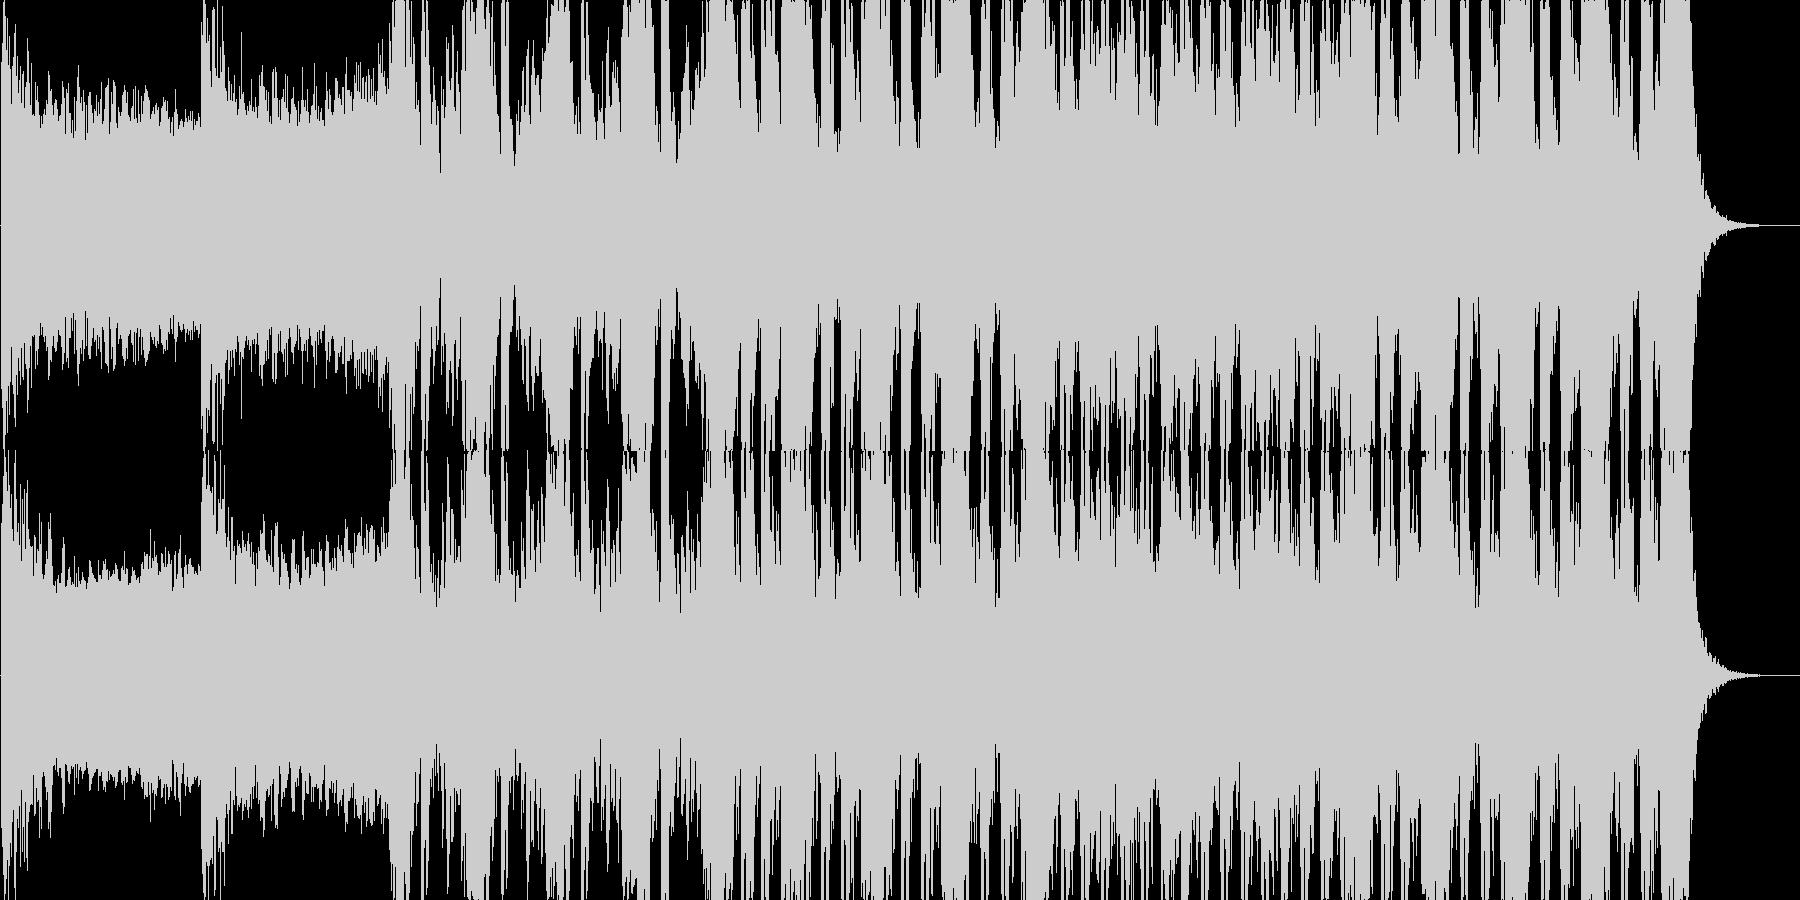 ゲームやアニメなどに合うラスボス感ある曲の未再生の波形